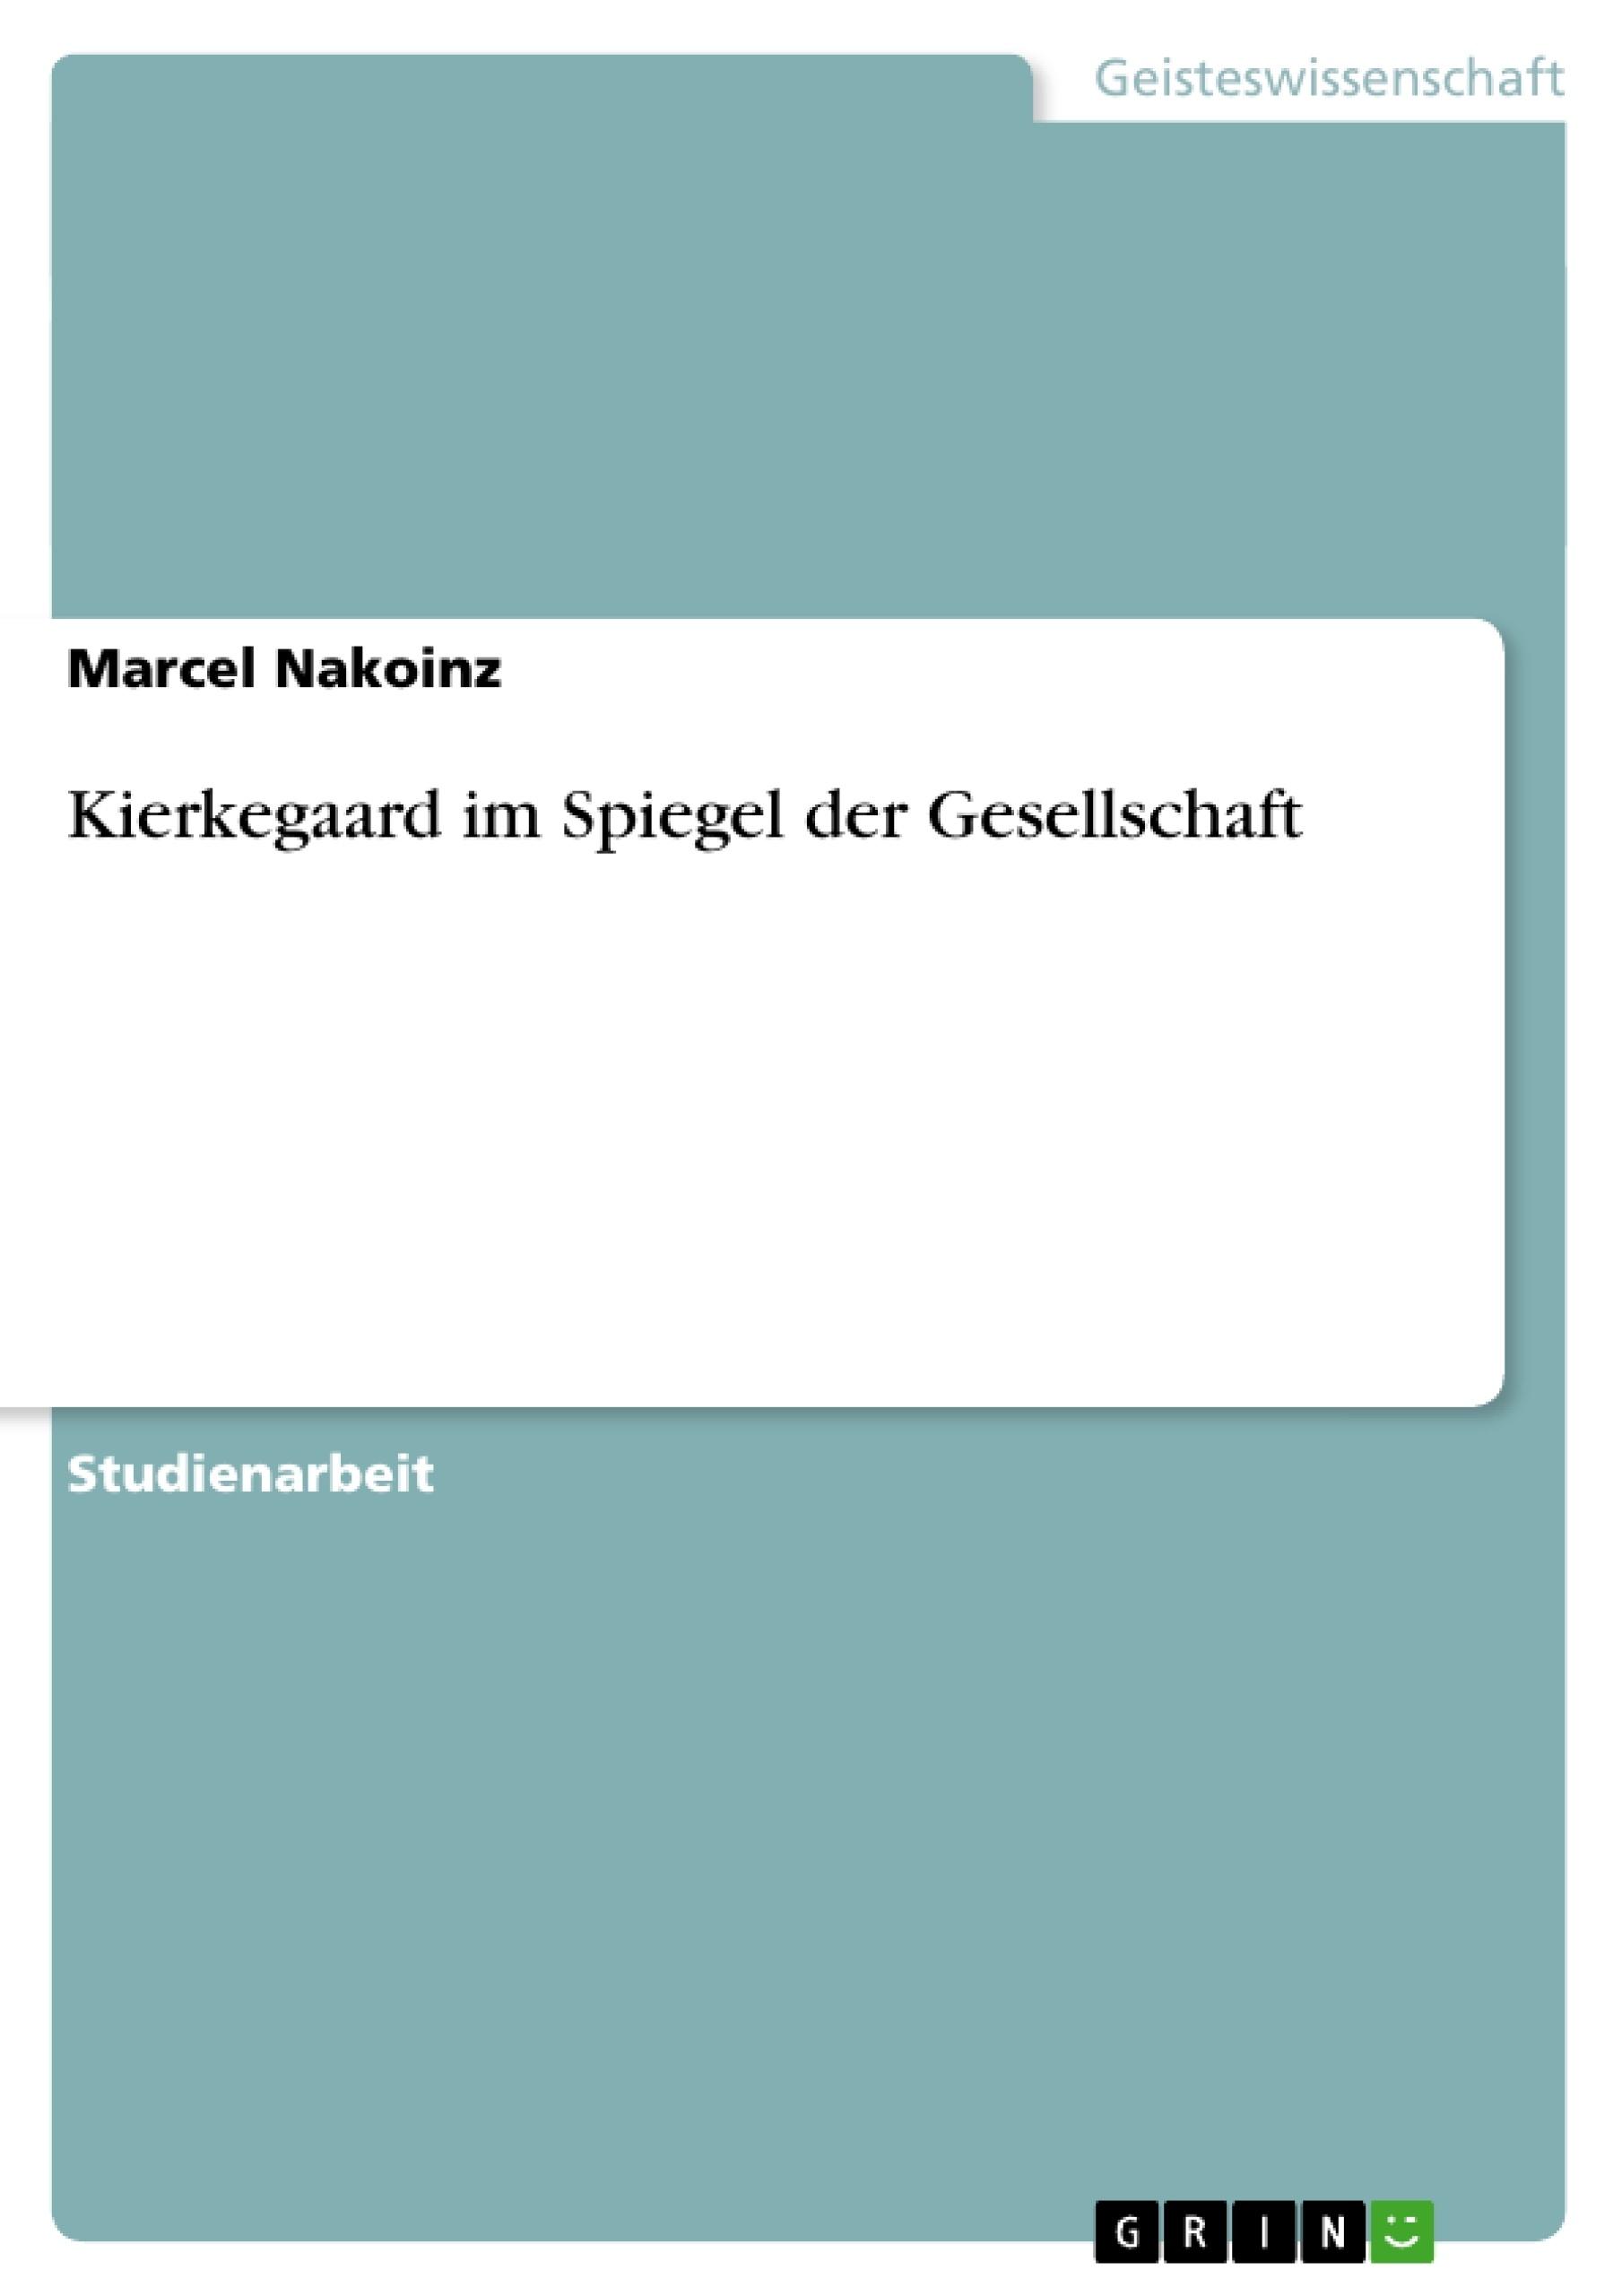 Titel: Kierkegaard im Spiegel der Gesellschaft